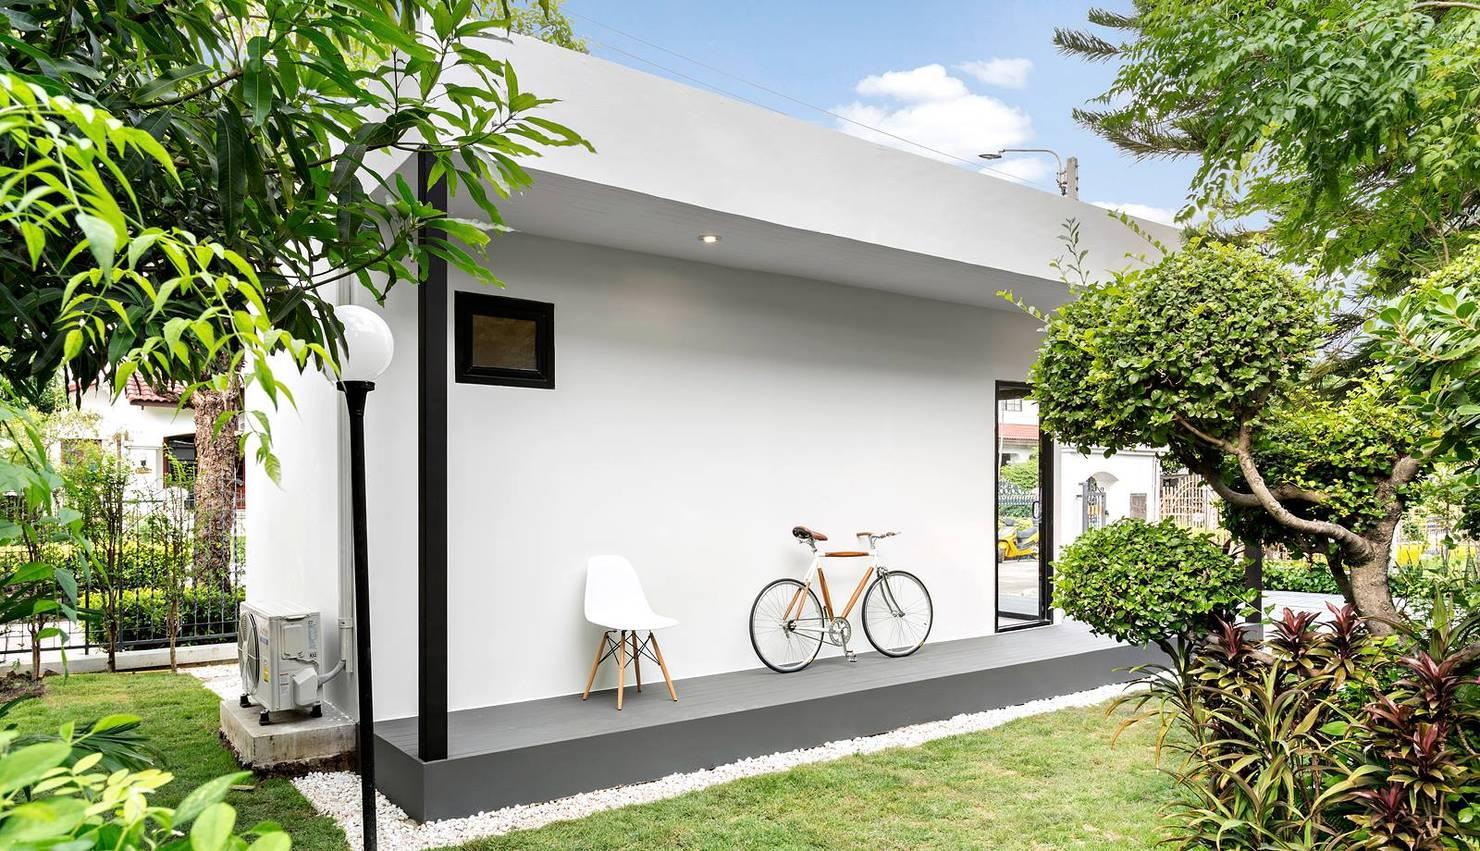 우리 집에 꼭 필요한 공간 더하기, 초소형 건물 디자인